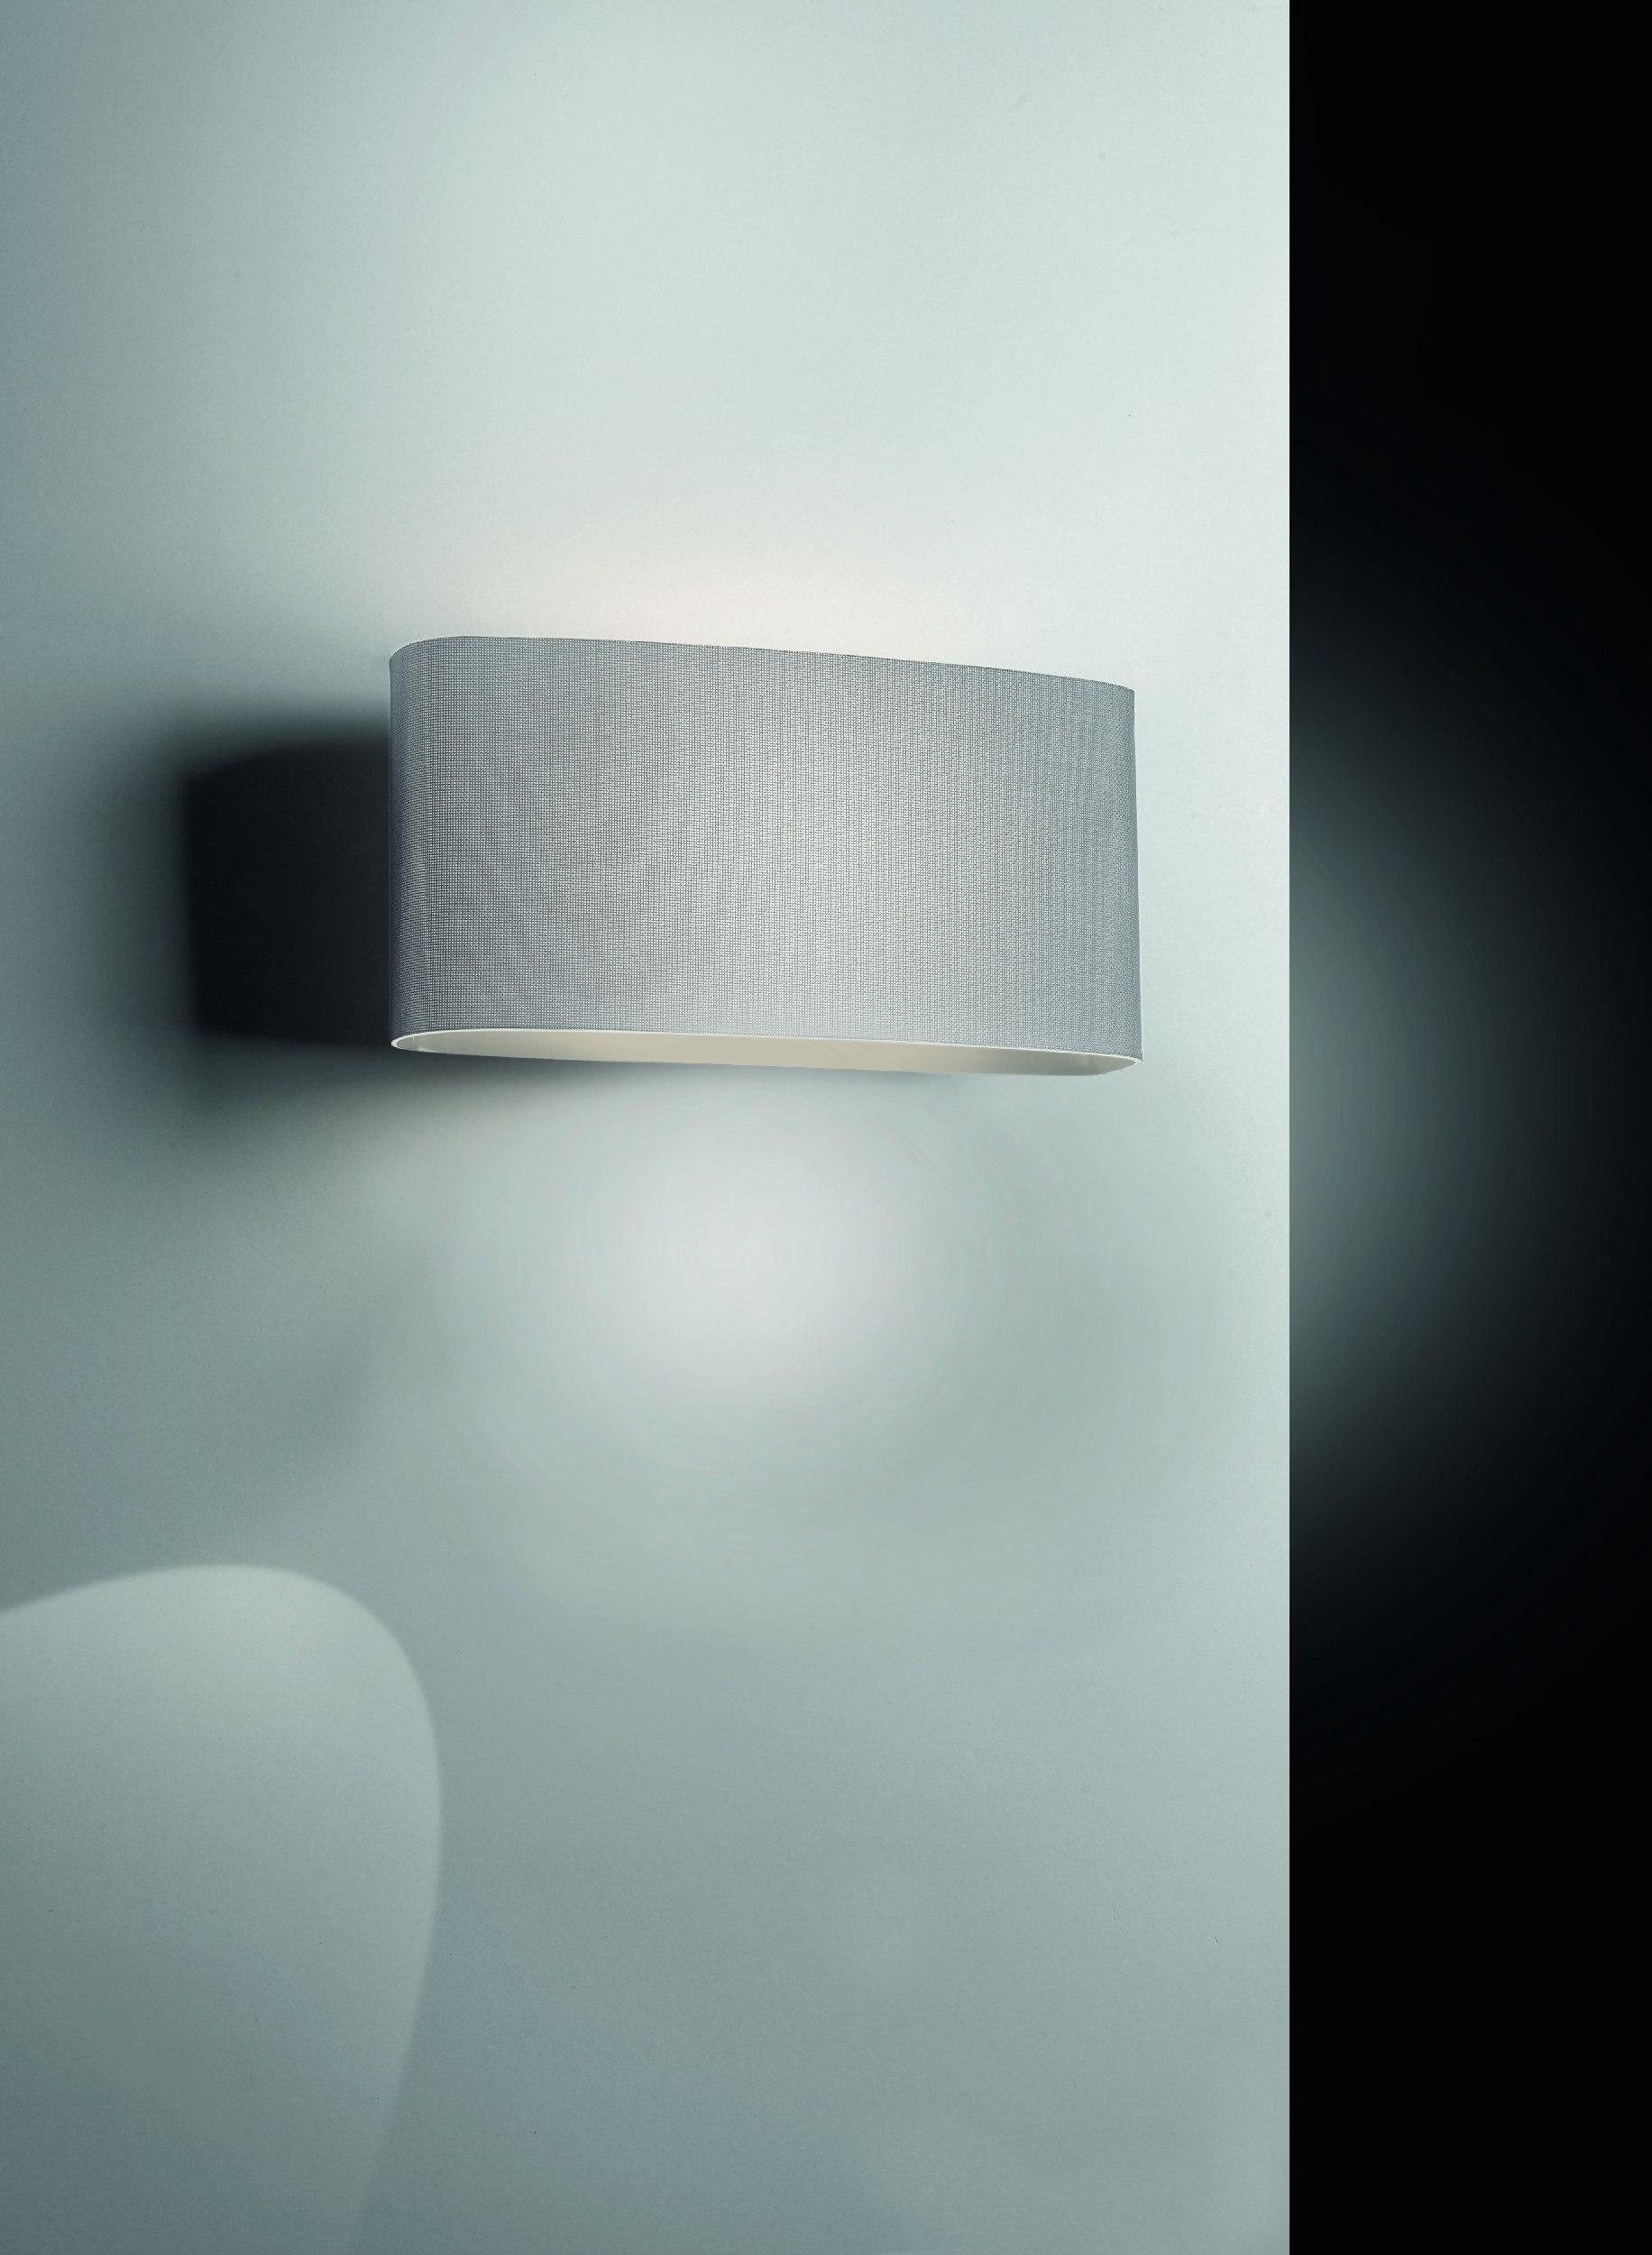 Lampada da parete pupilla 4572 di egoluce led interno for Lampade a led vendita online